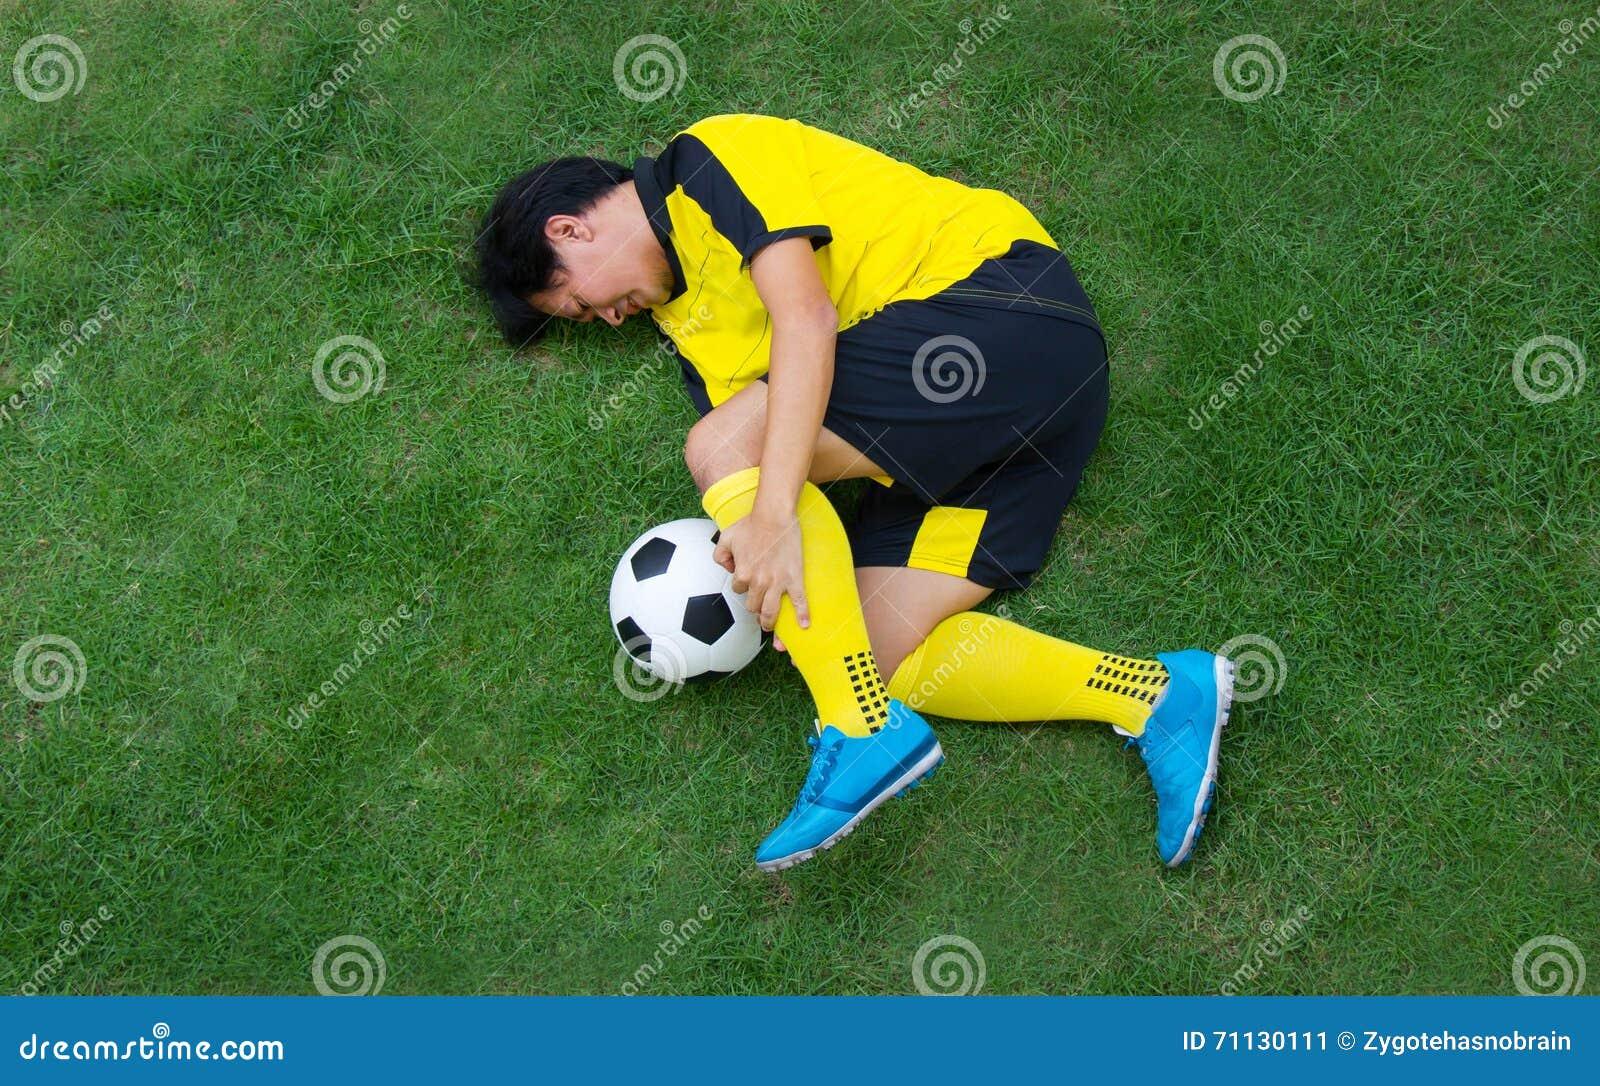 Joueur de football dans le mensonge jaune blessé sur le lancement